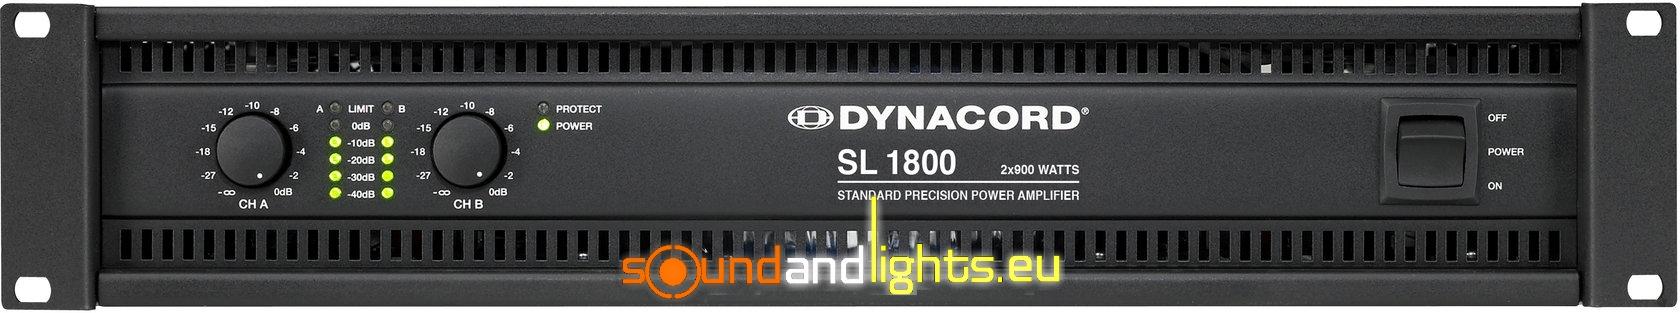 Dynacord SL1800